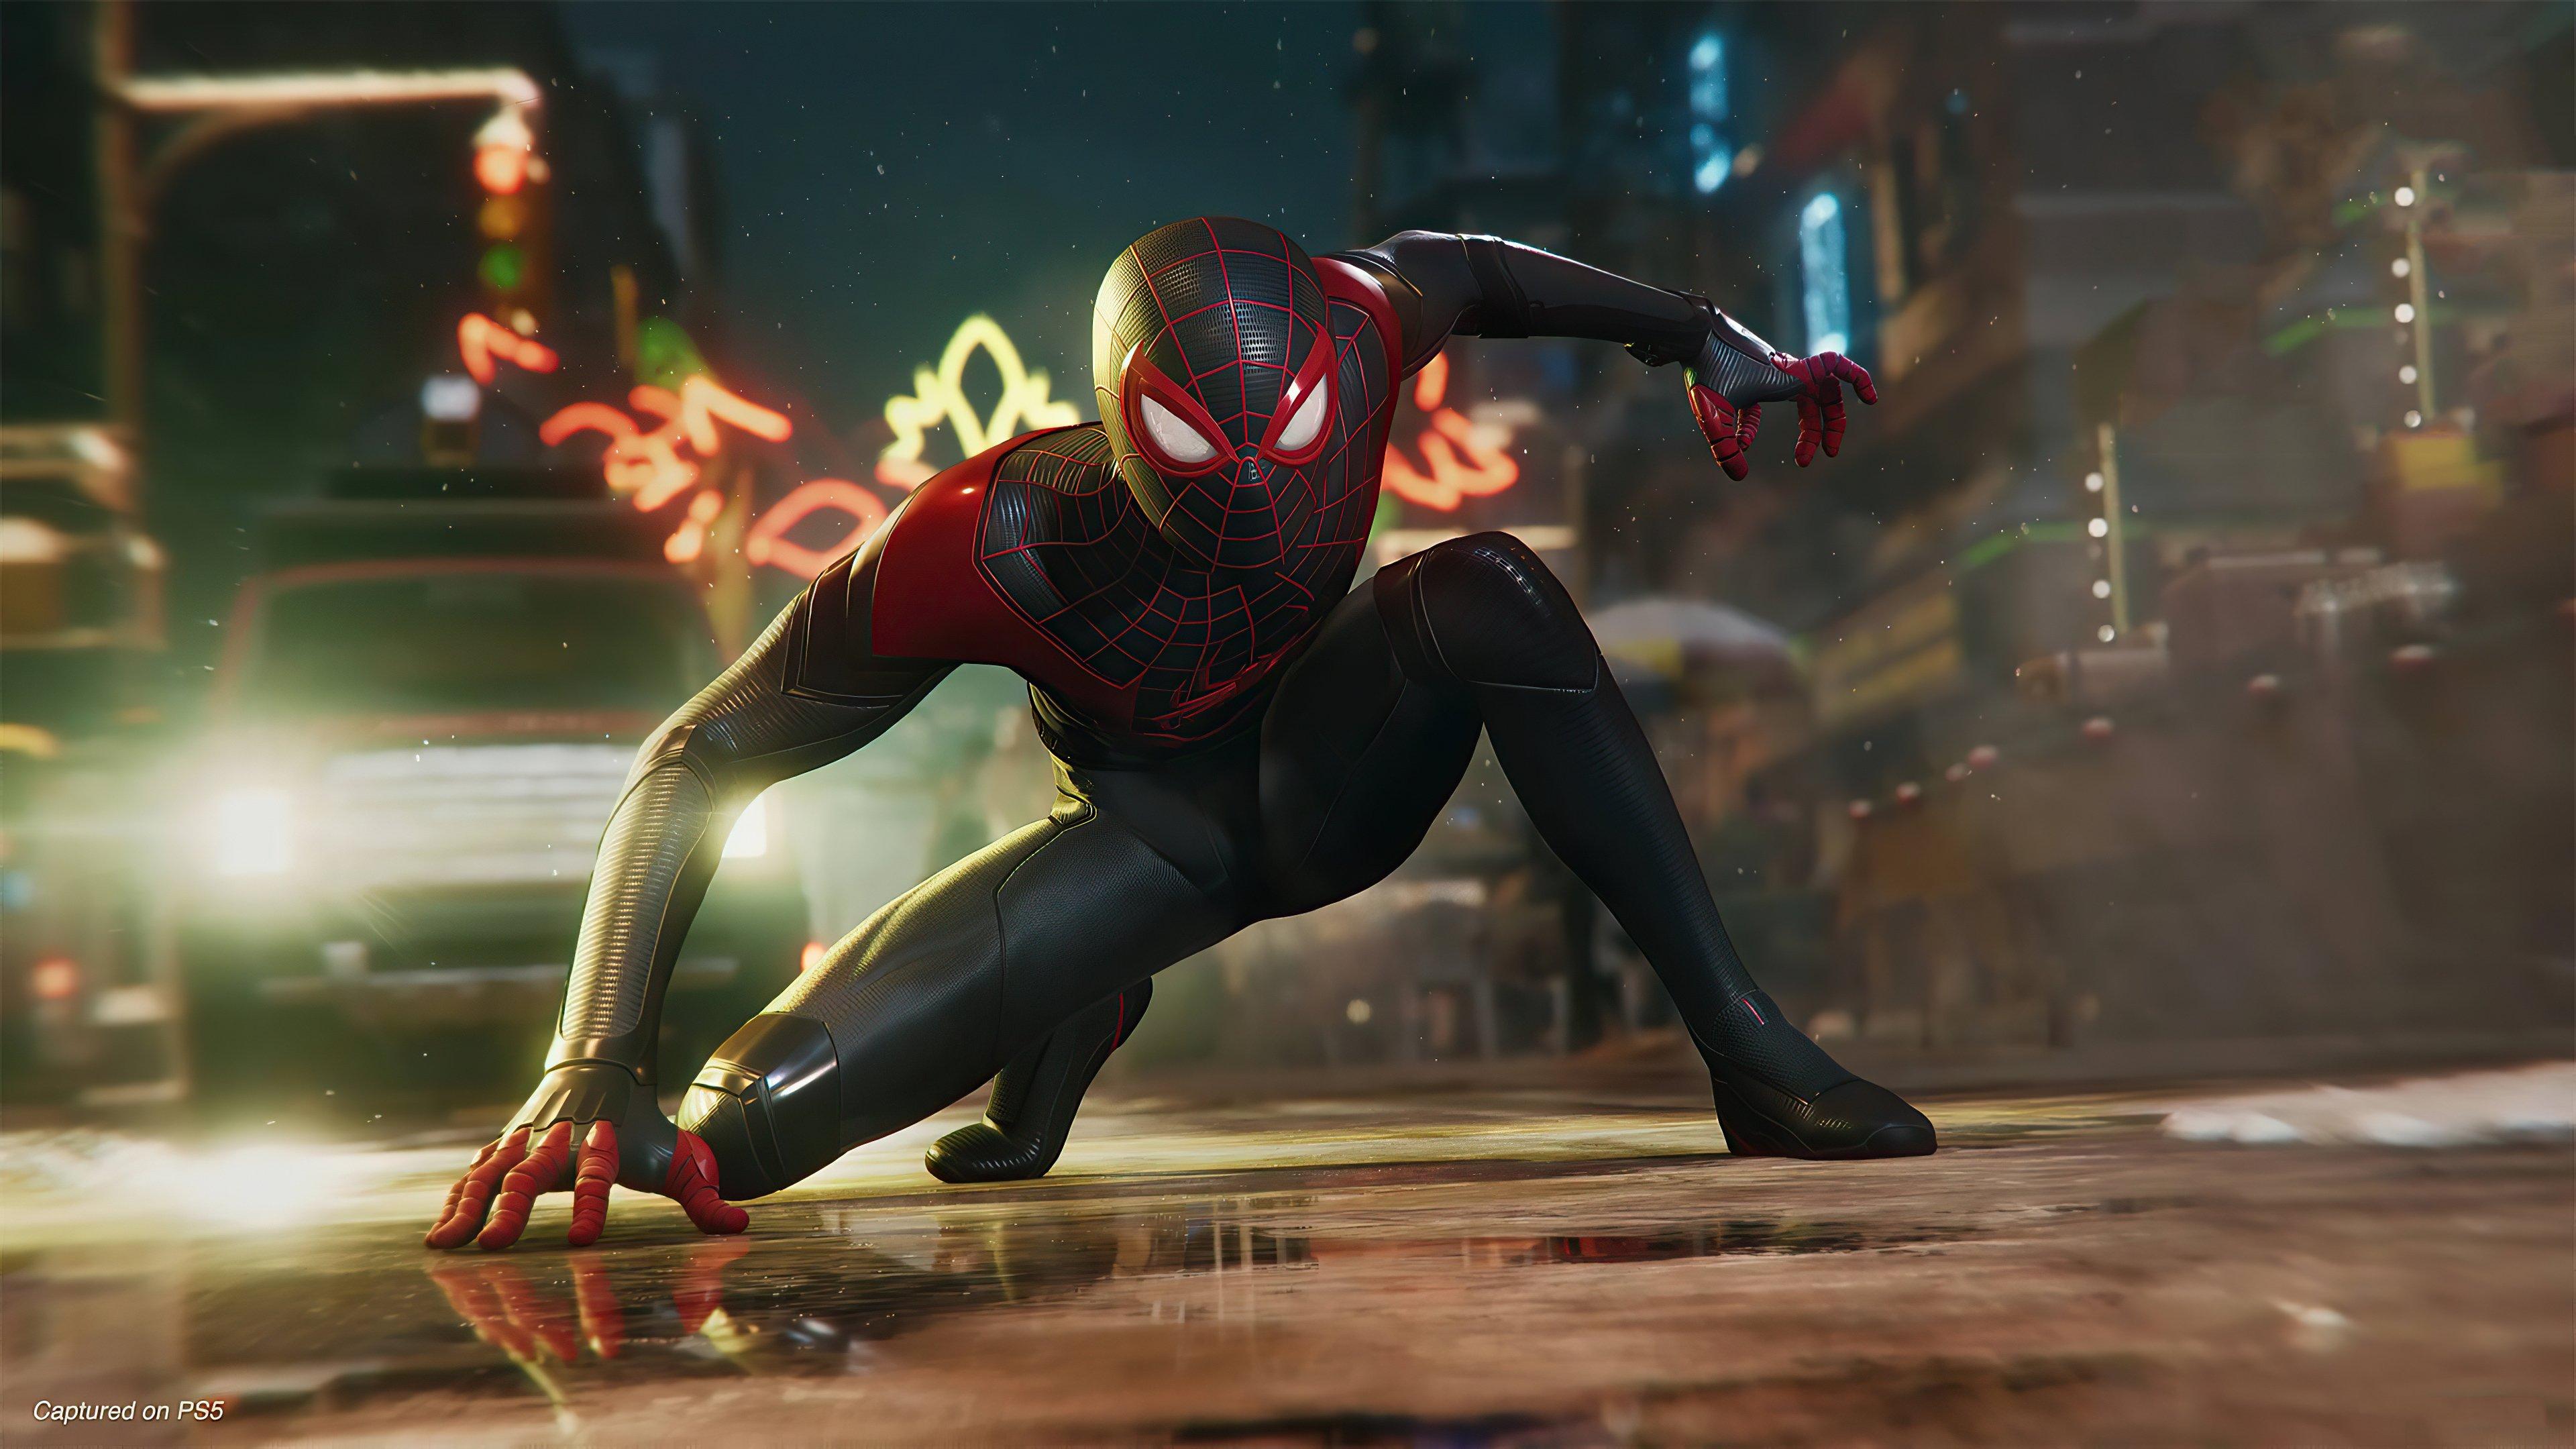 Fondos de pantalla Miles Morales como El hombre araña en ciudad